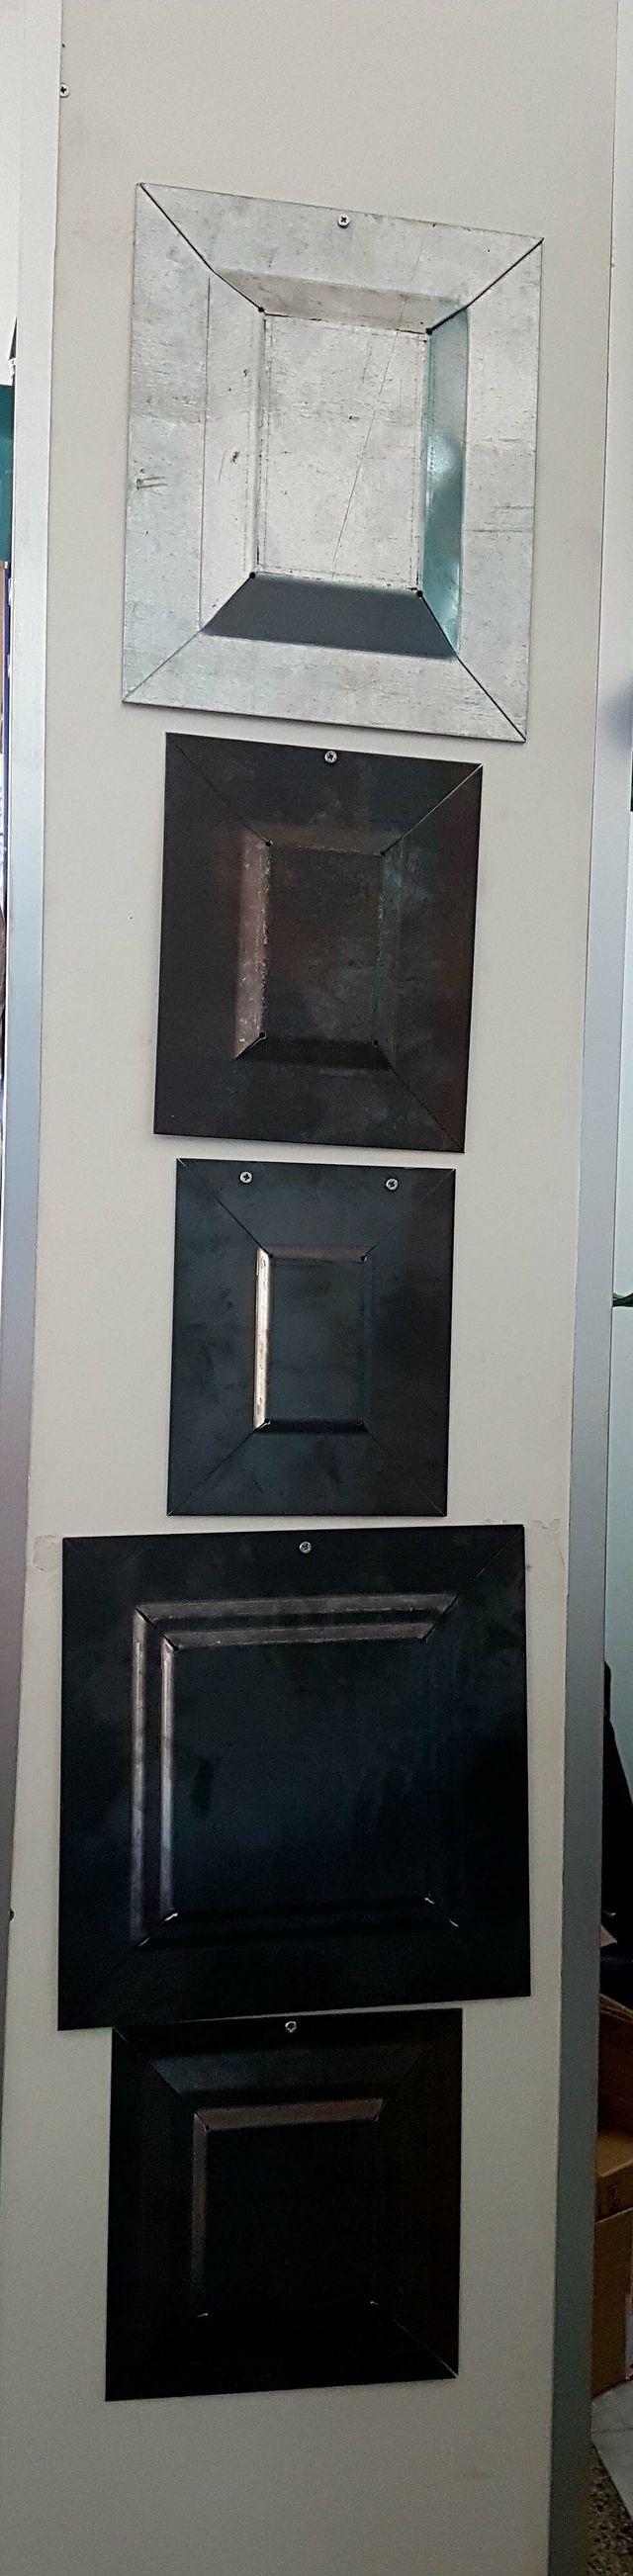 pannelli di varie lavorazioni